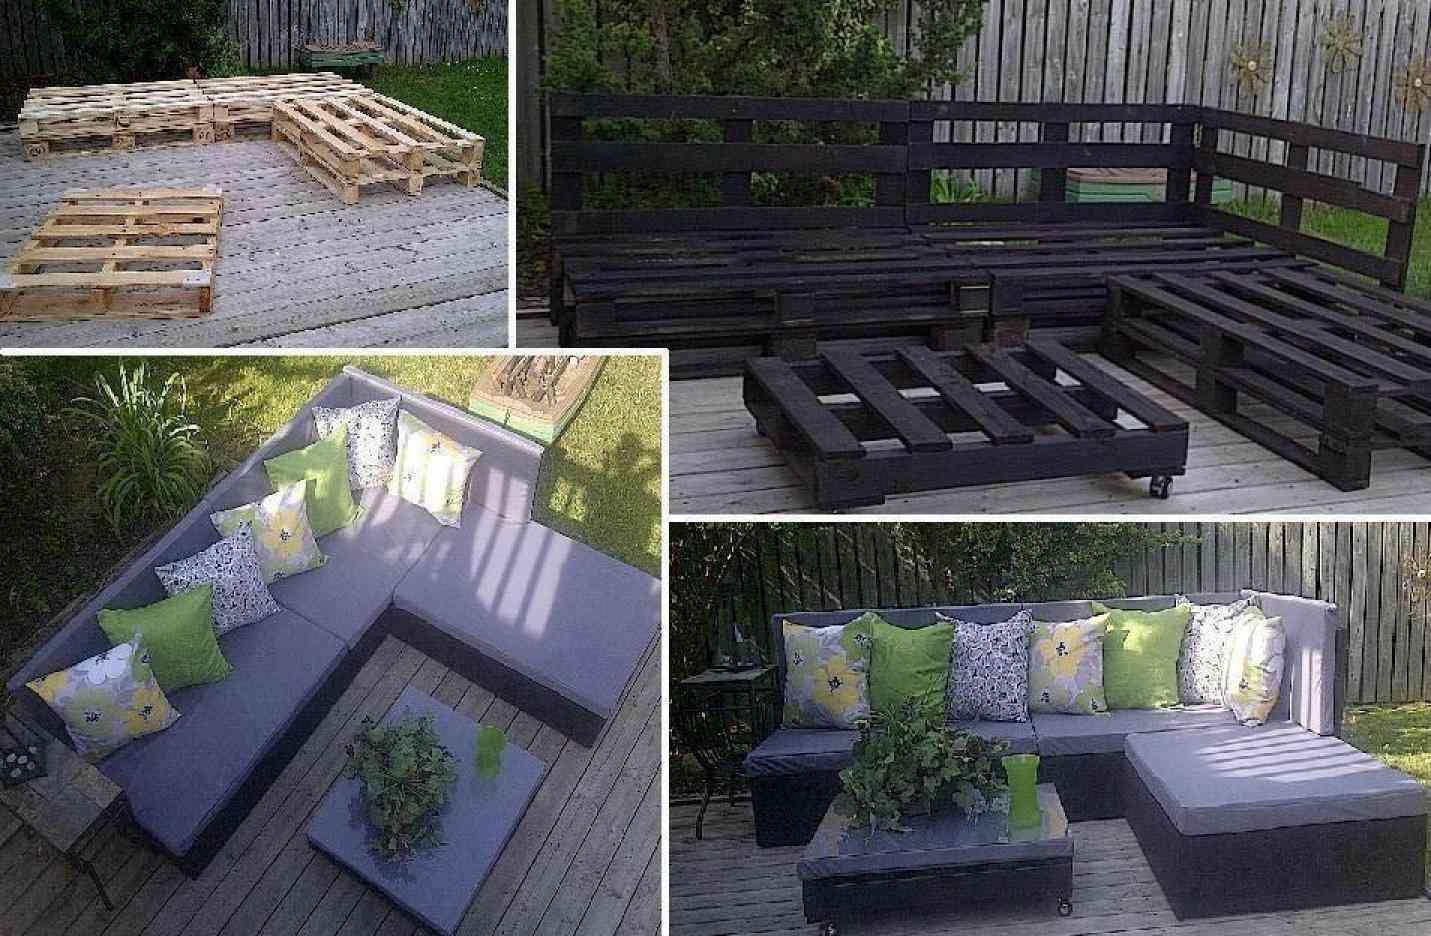 10 muebles para exteriores diy hazlos tu mismo for Muebles para exteriores baratos